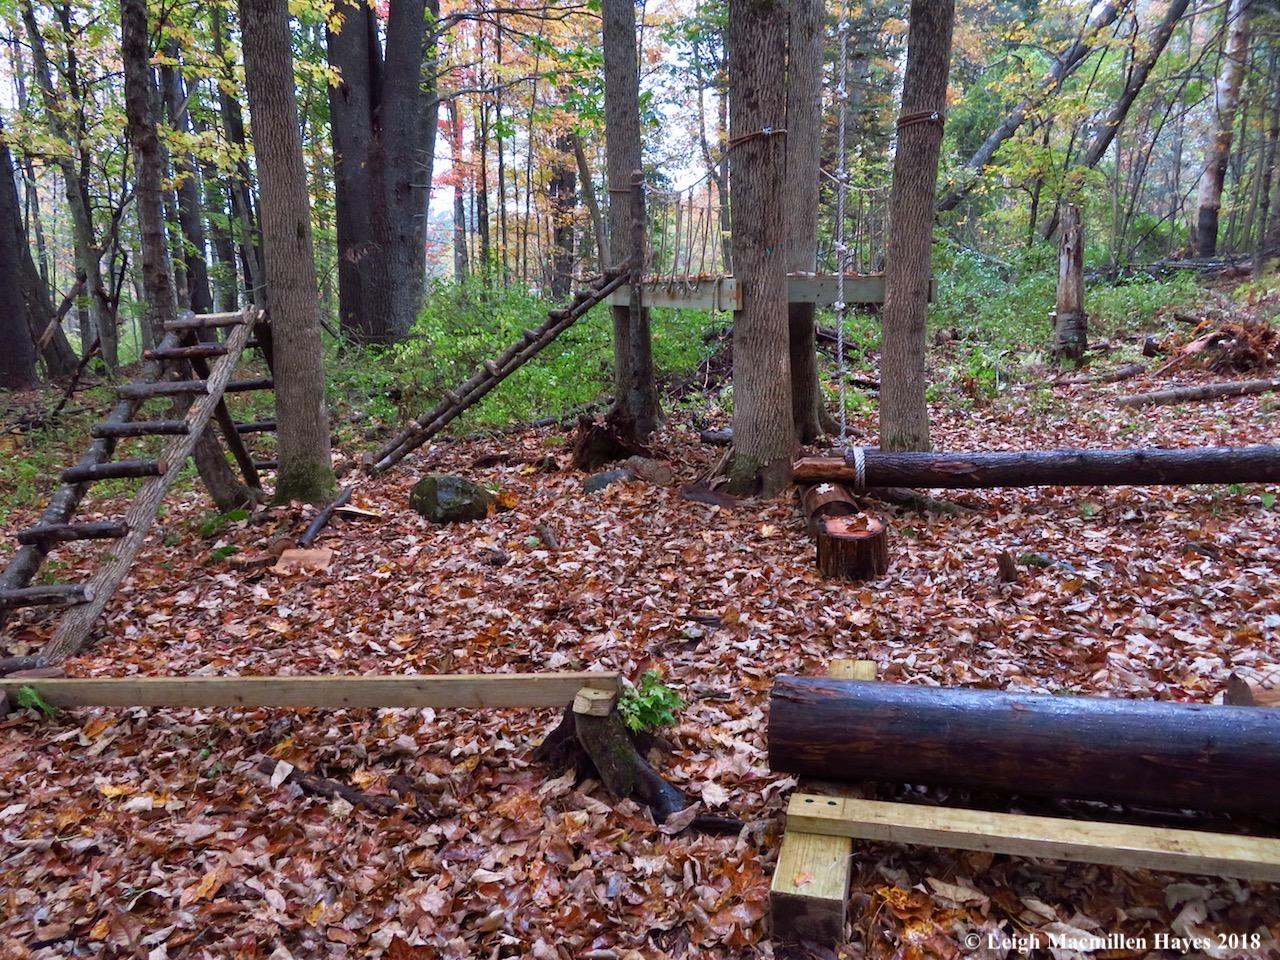 32-rope climbing, log rolling